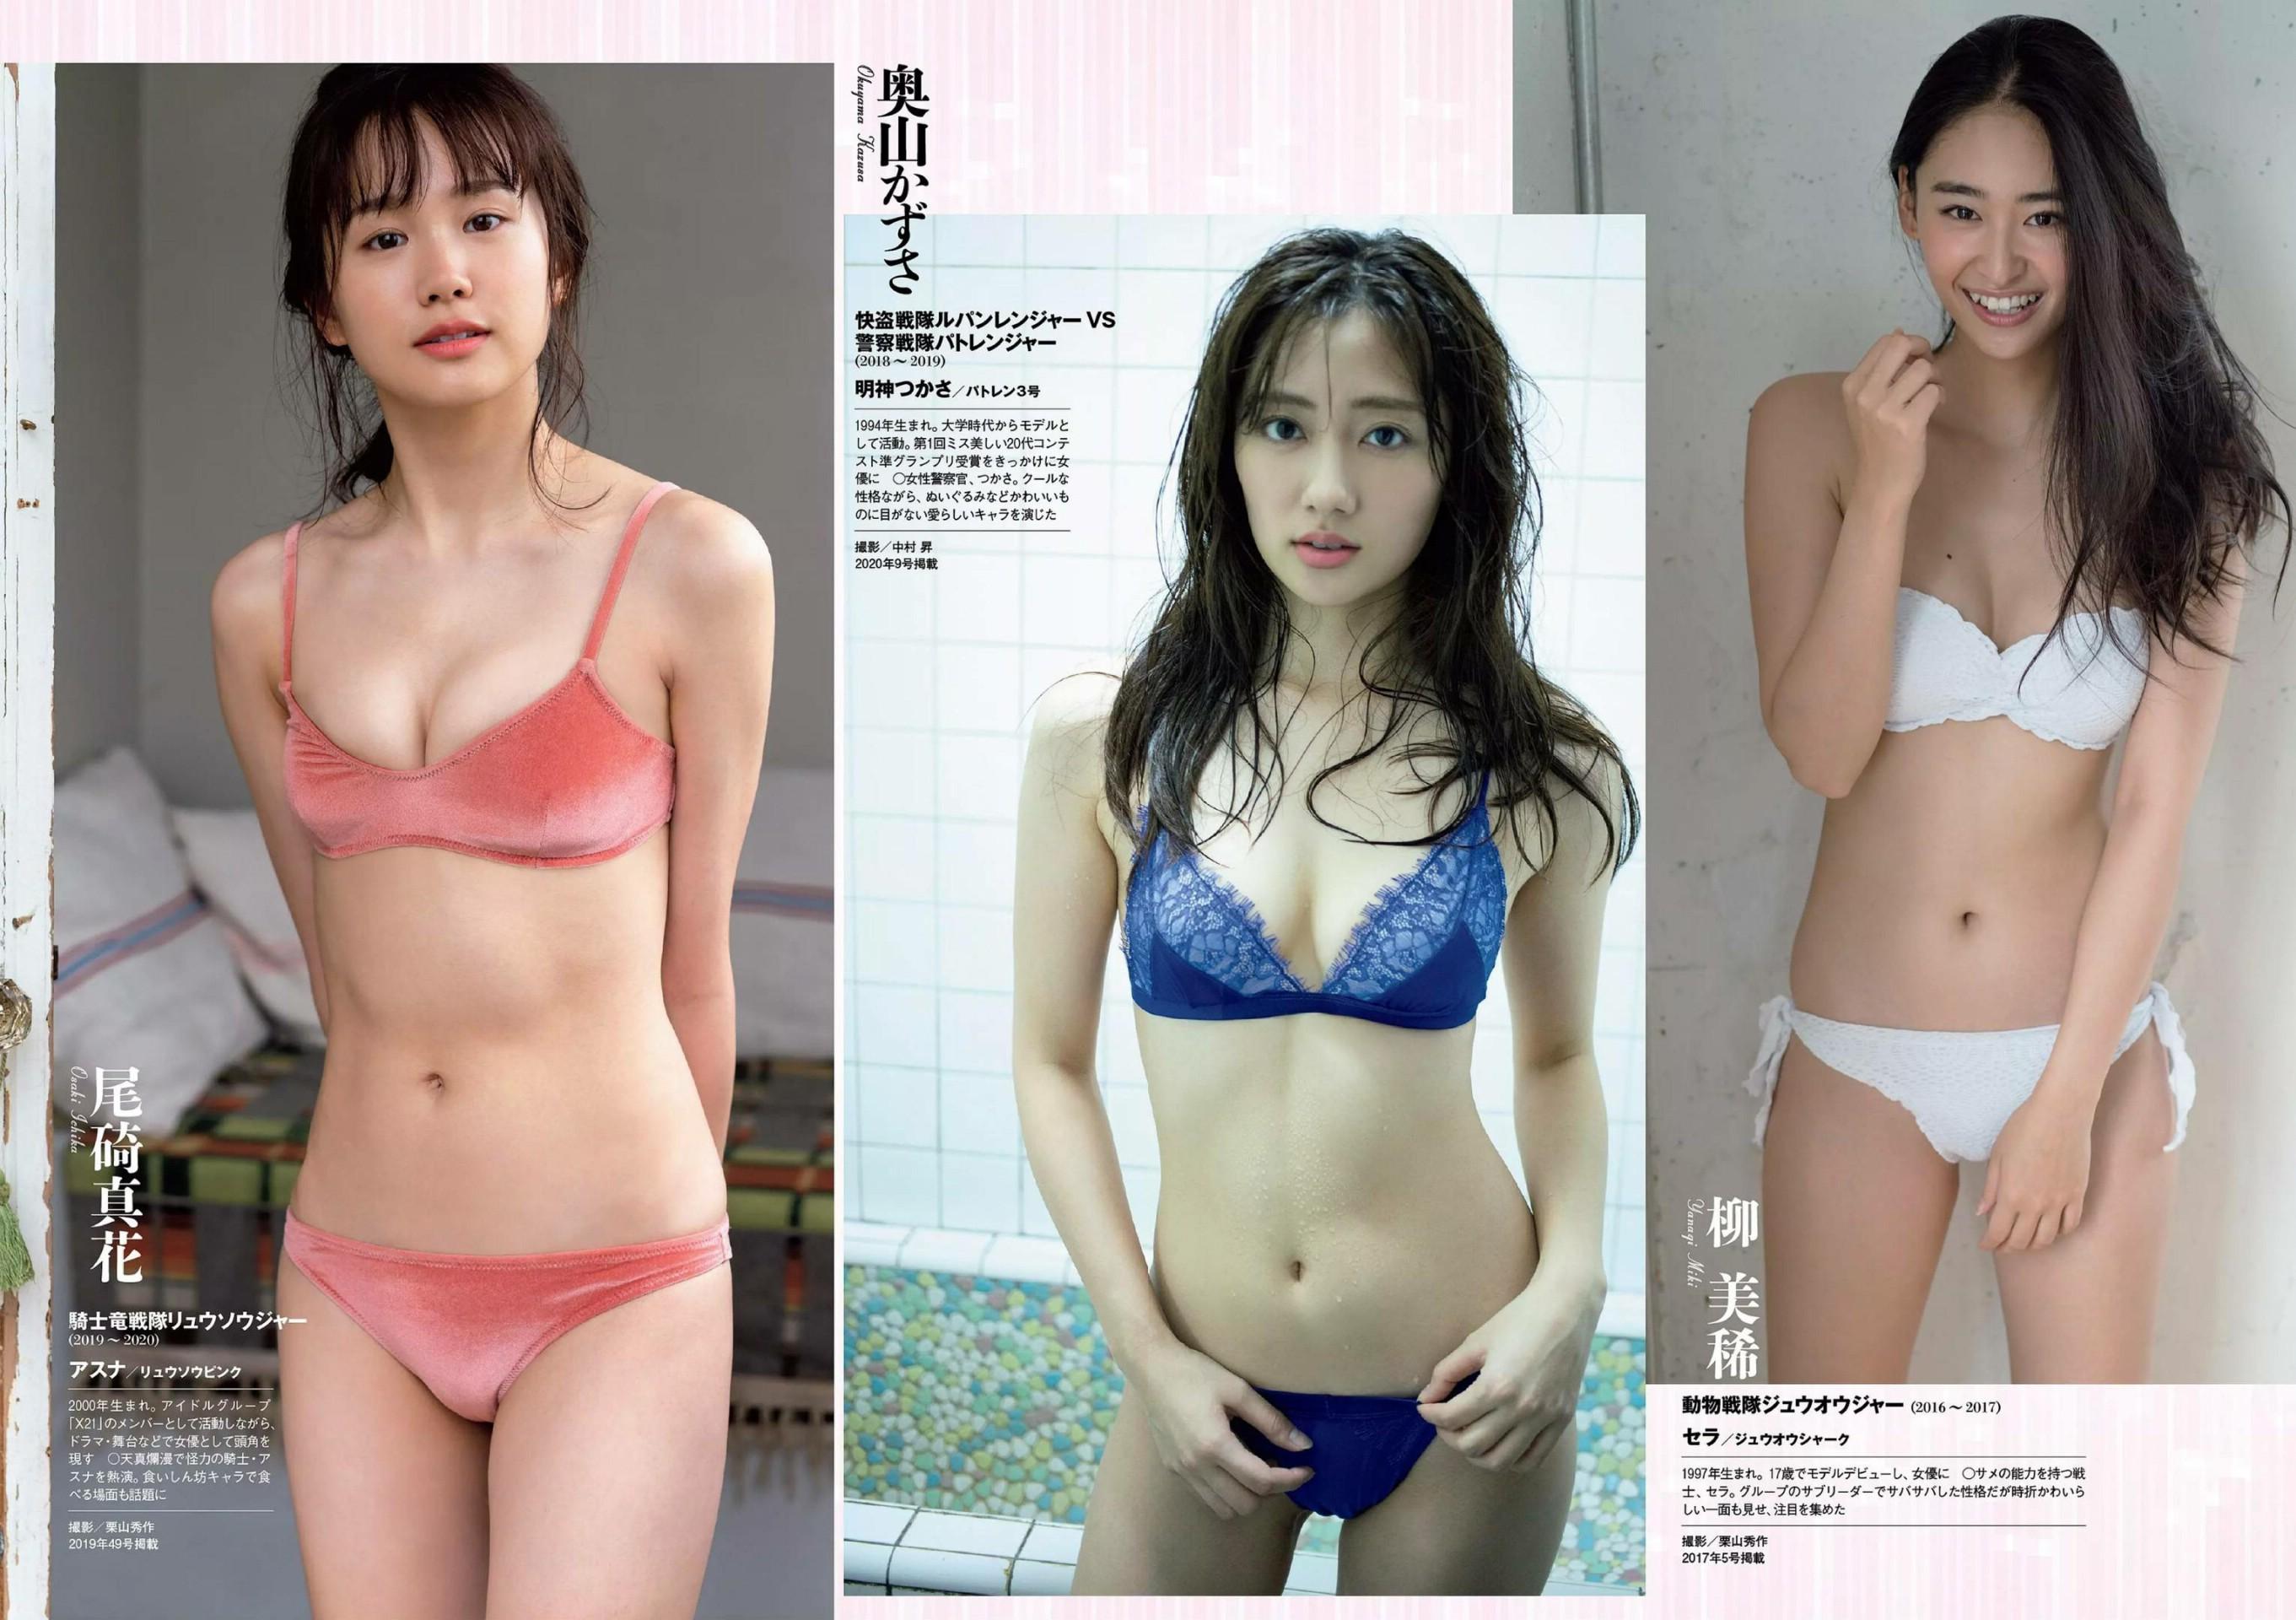 Weekly Playboy 2020-31_32_imgs-0101